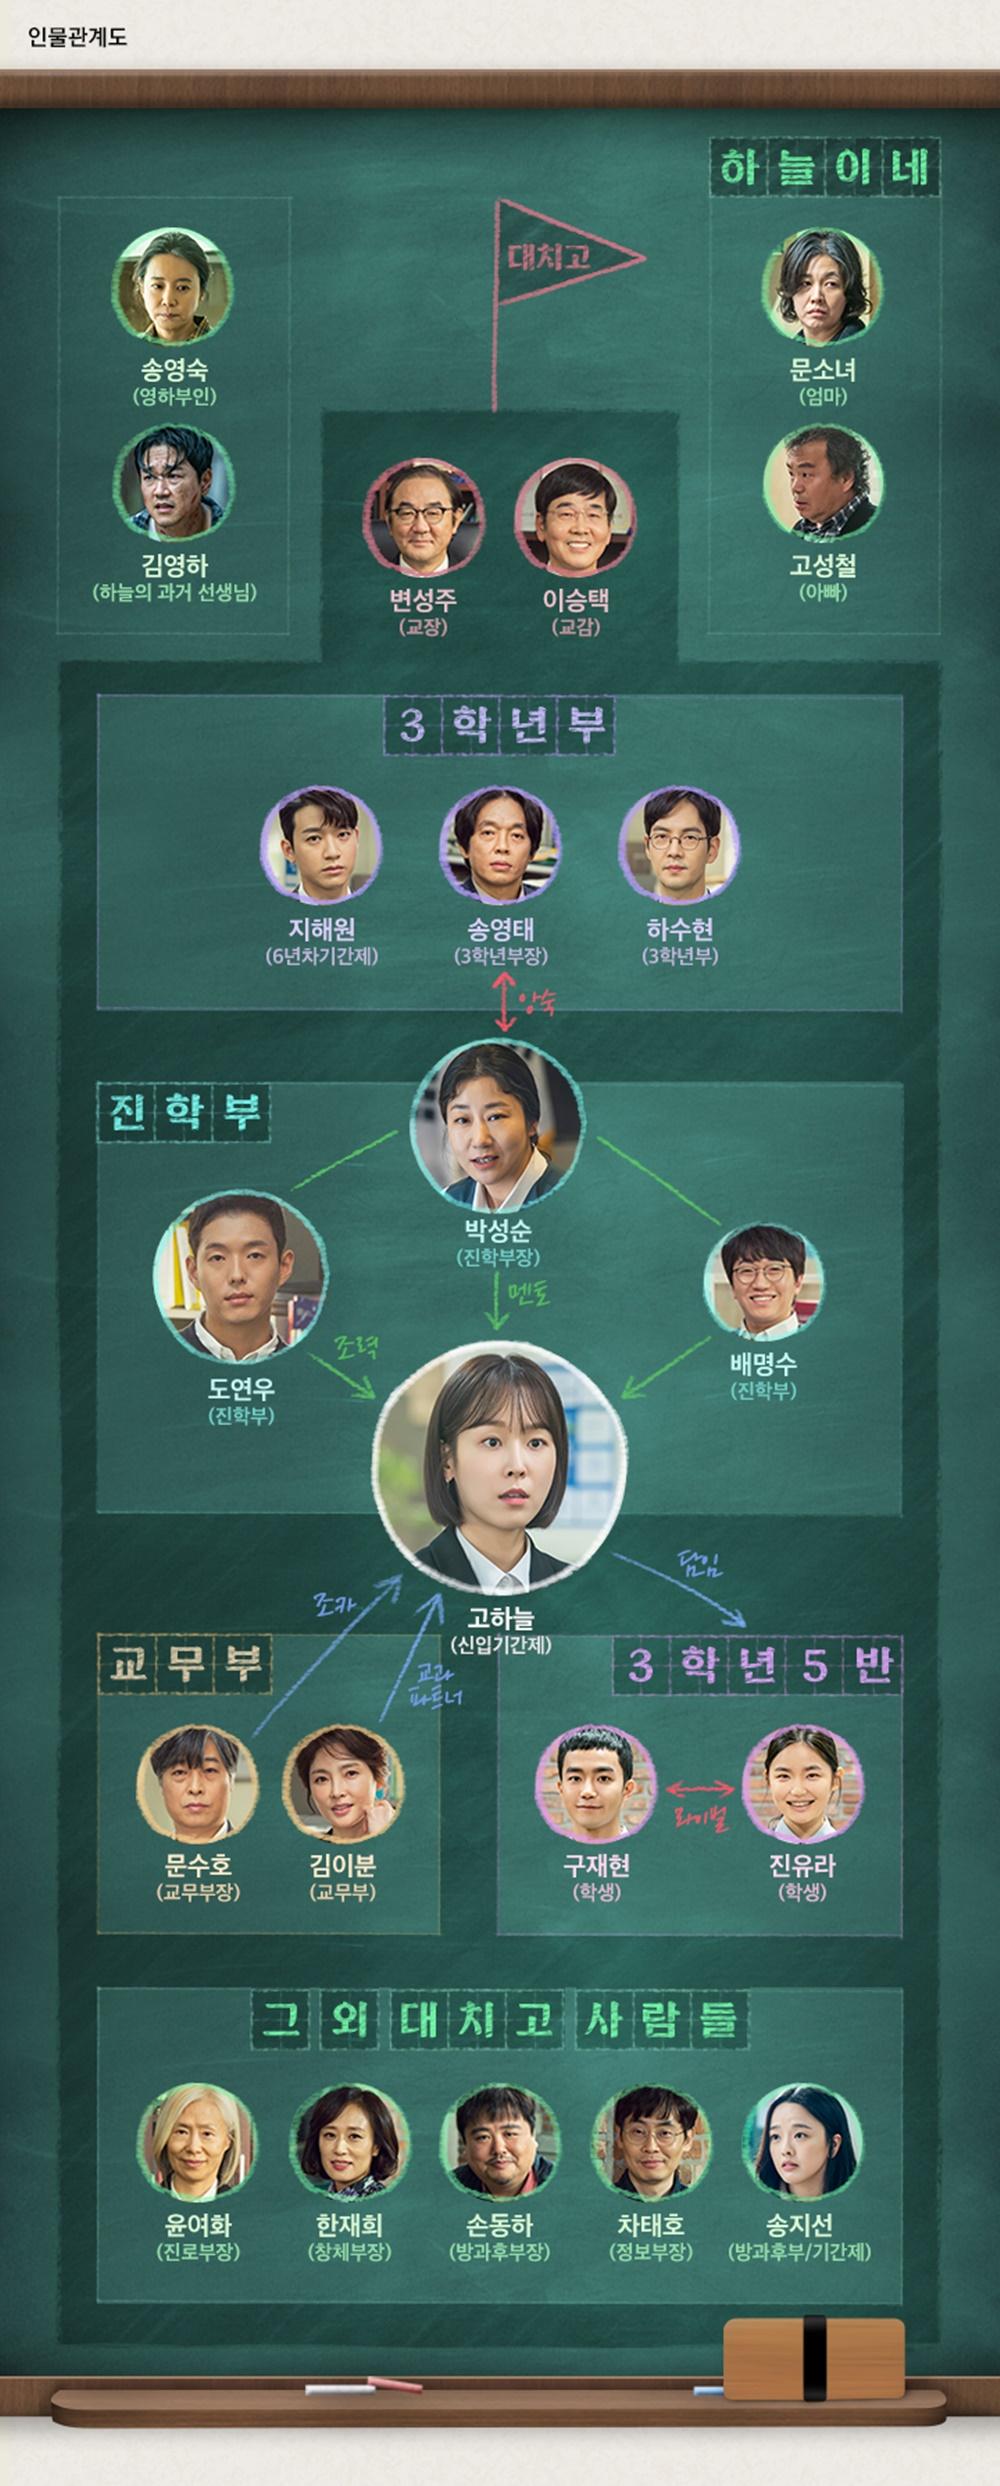 드라마 '블랙독', 서현진-라미란-도연우 주연으로 알려져…극 중 인물관계도-몇부작?